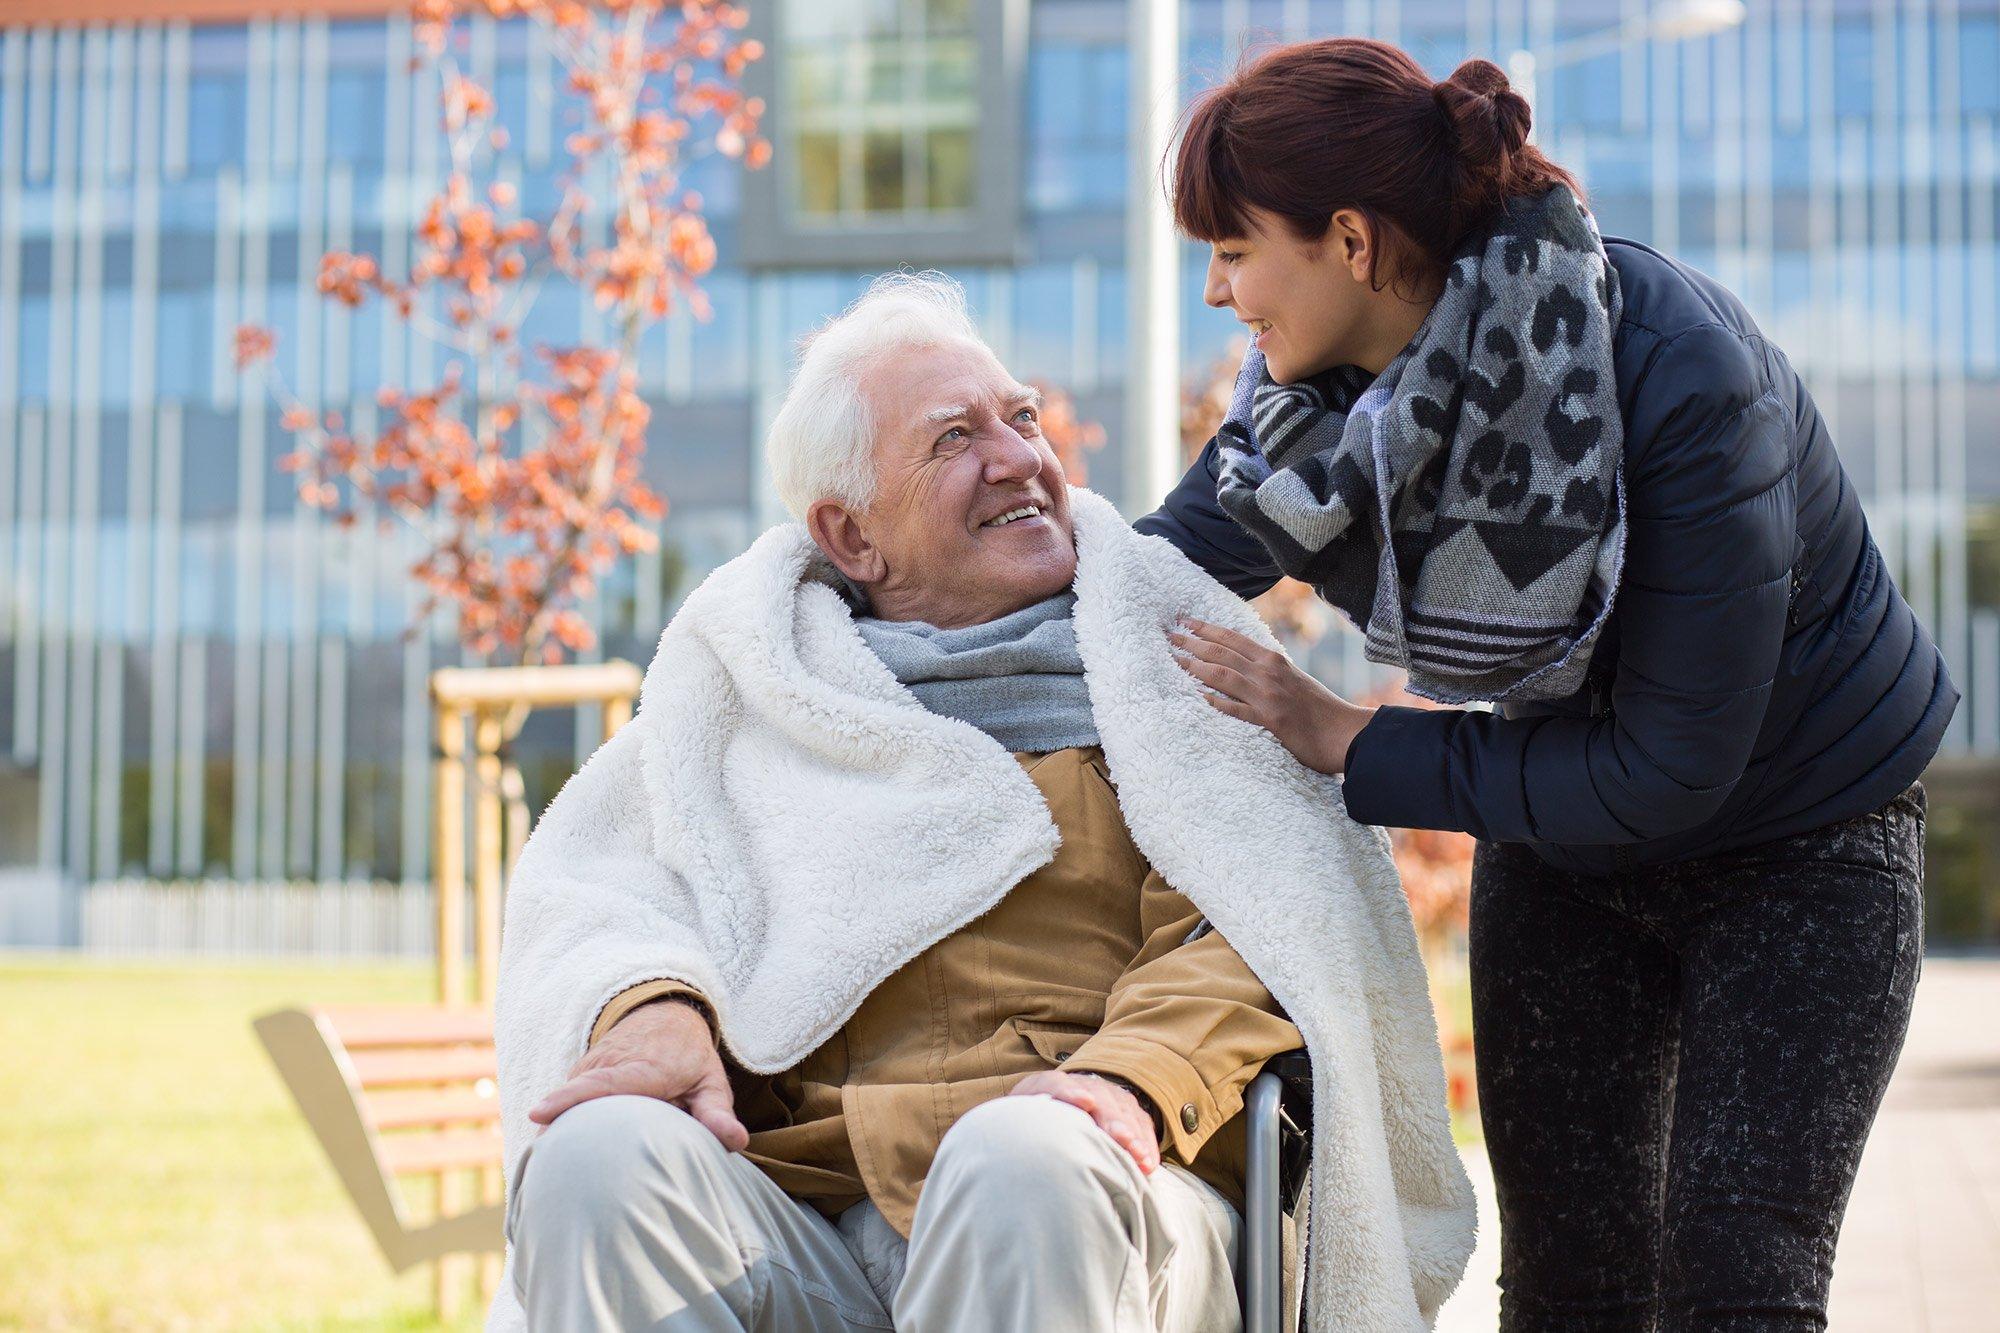 ELSNER Pflegekraft legt eine Decke um einen Senior im Rollstuhl